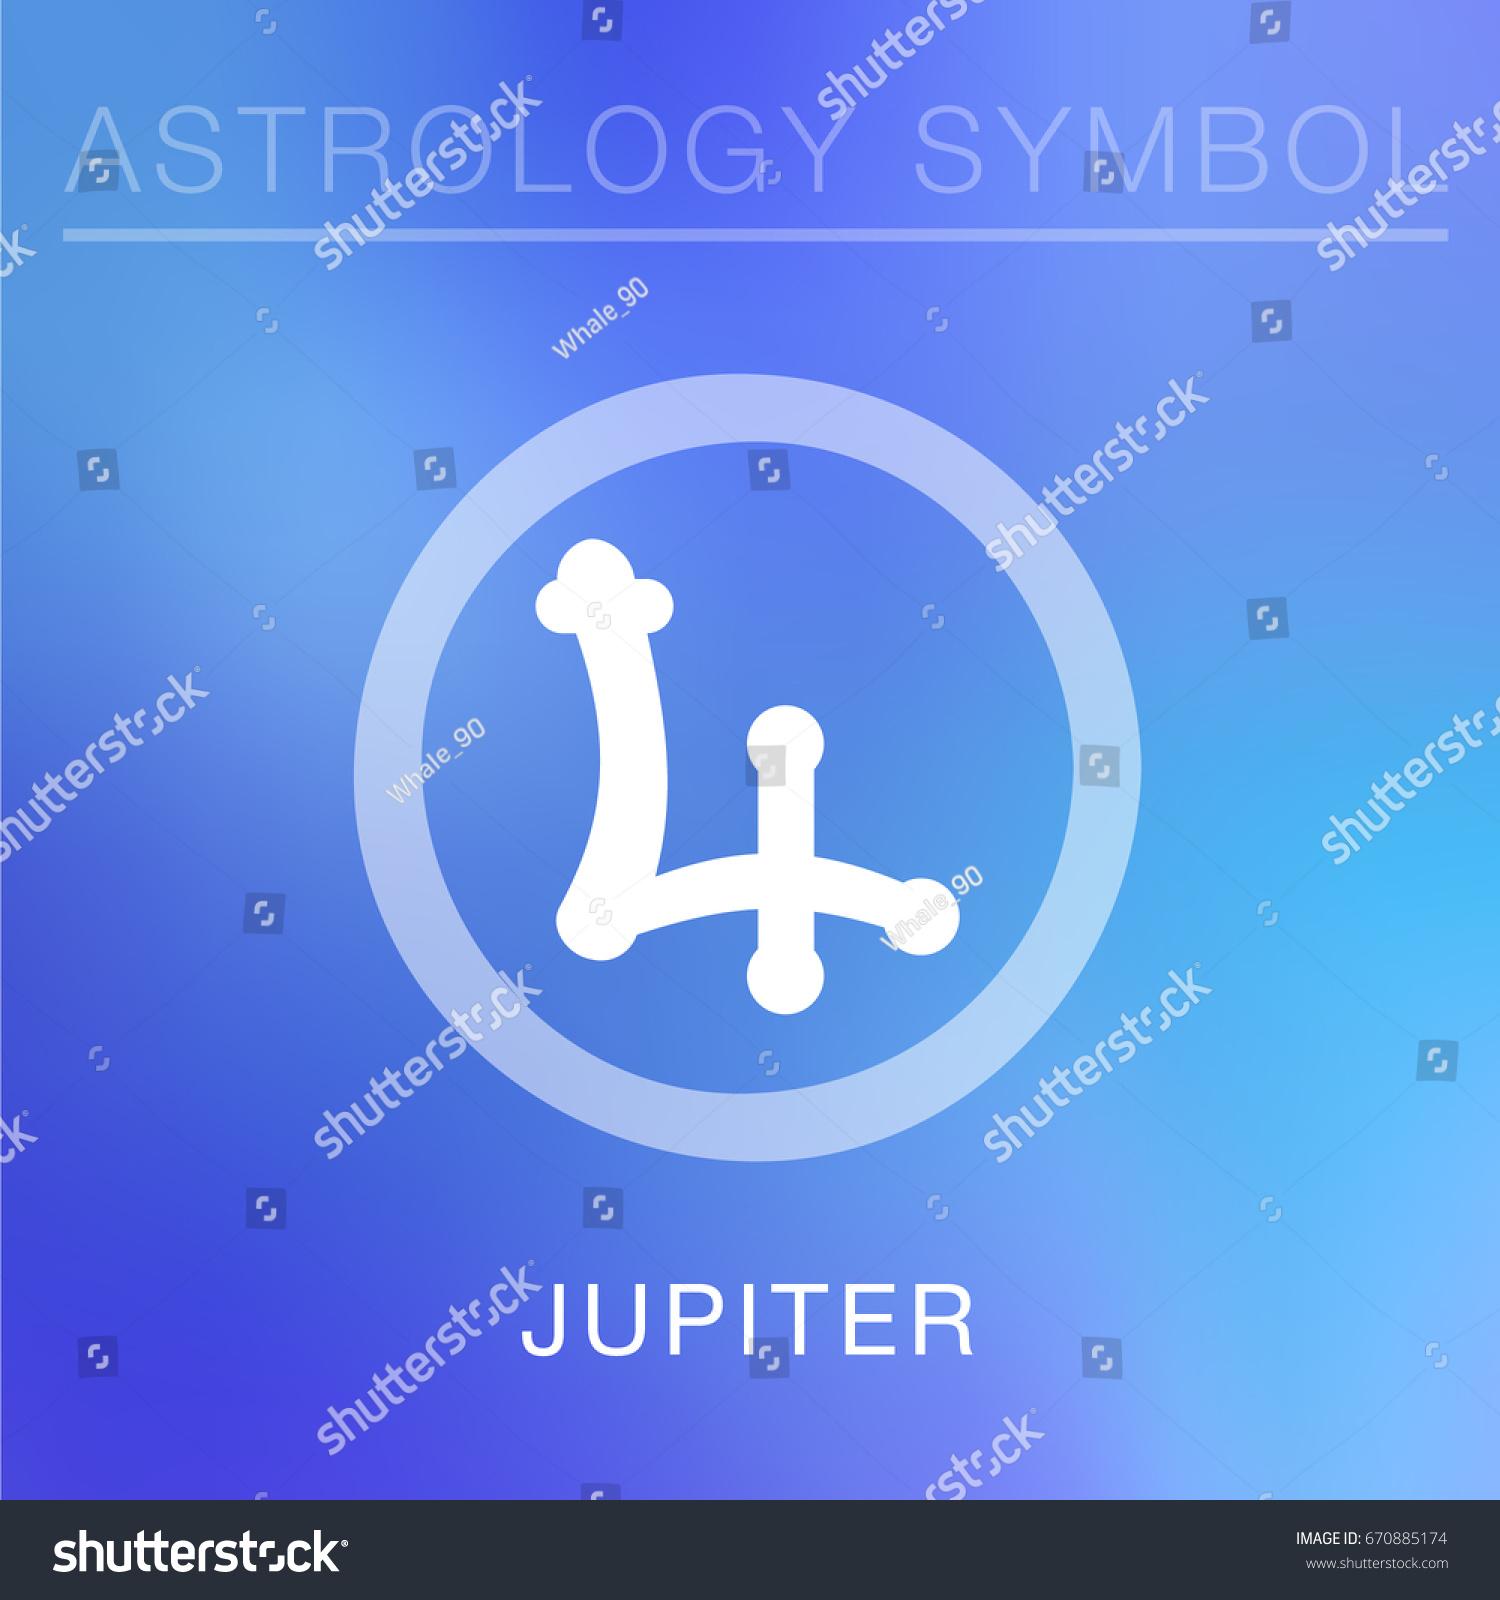 Jupiter Astrological Symbol Topsimages